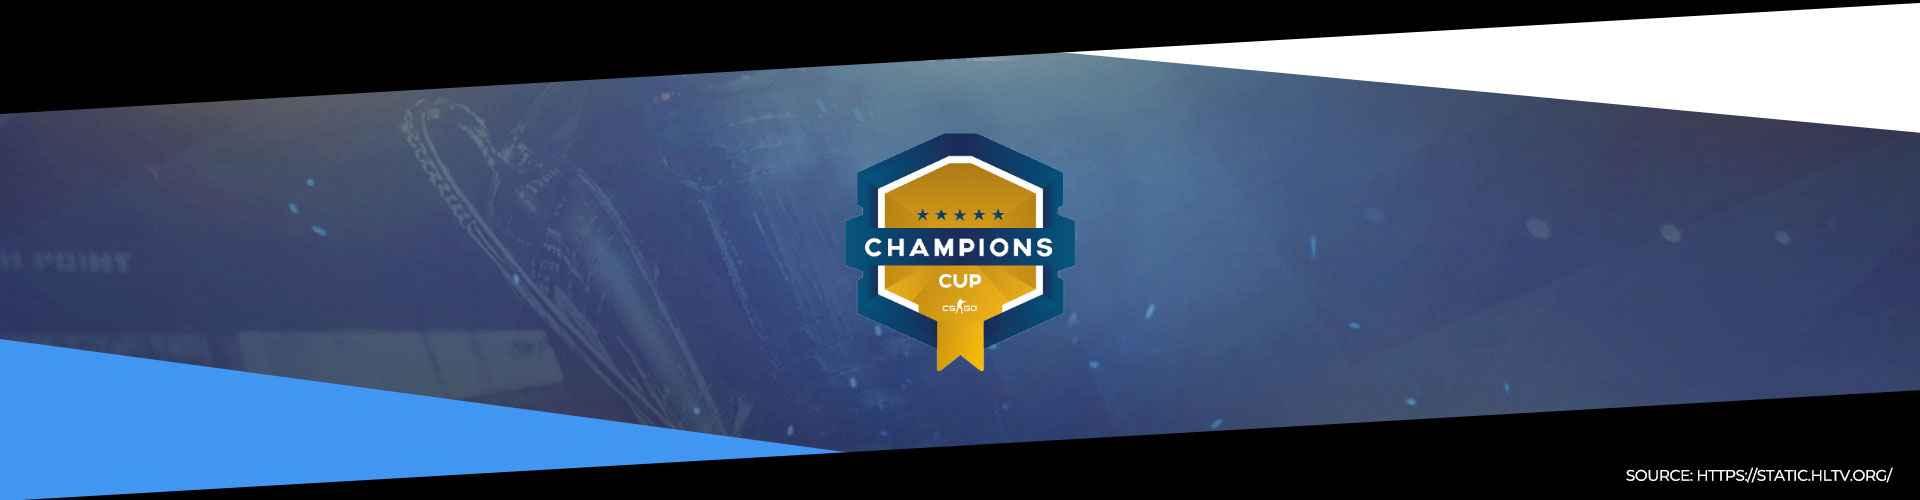 Champions Cupin finaalit käyntiin Maltalla - ENCE:lle pettymys heti ensimmäisenä päivänä